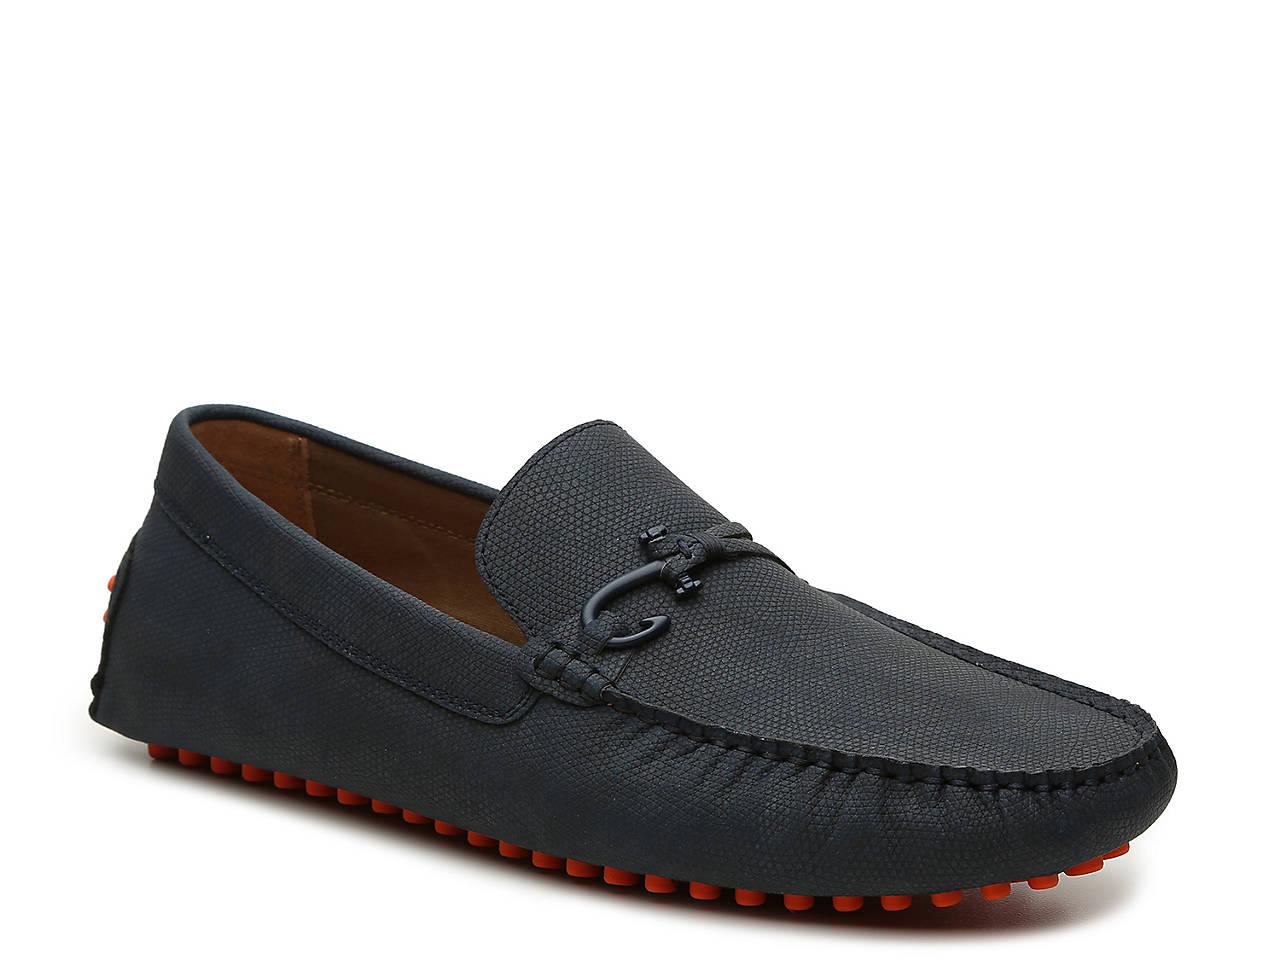 7c91fb31011d Aldo Yadone Loafer Men s Shoes